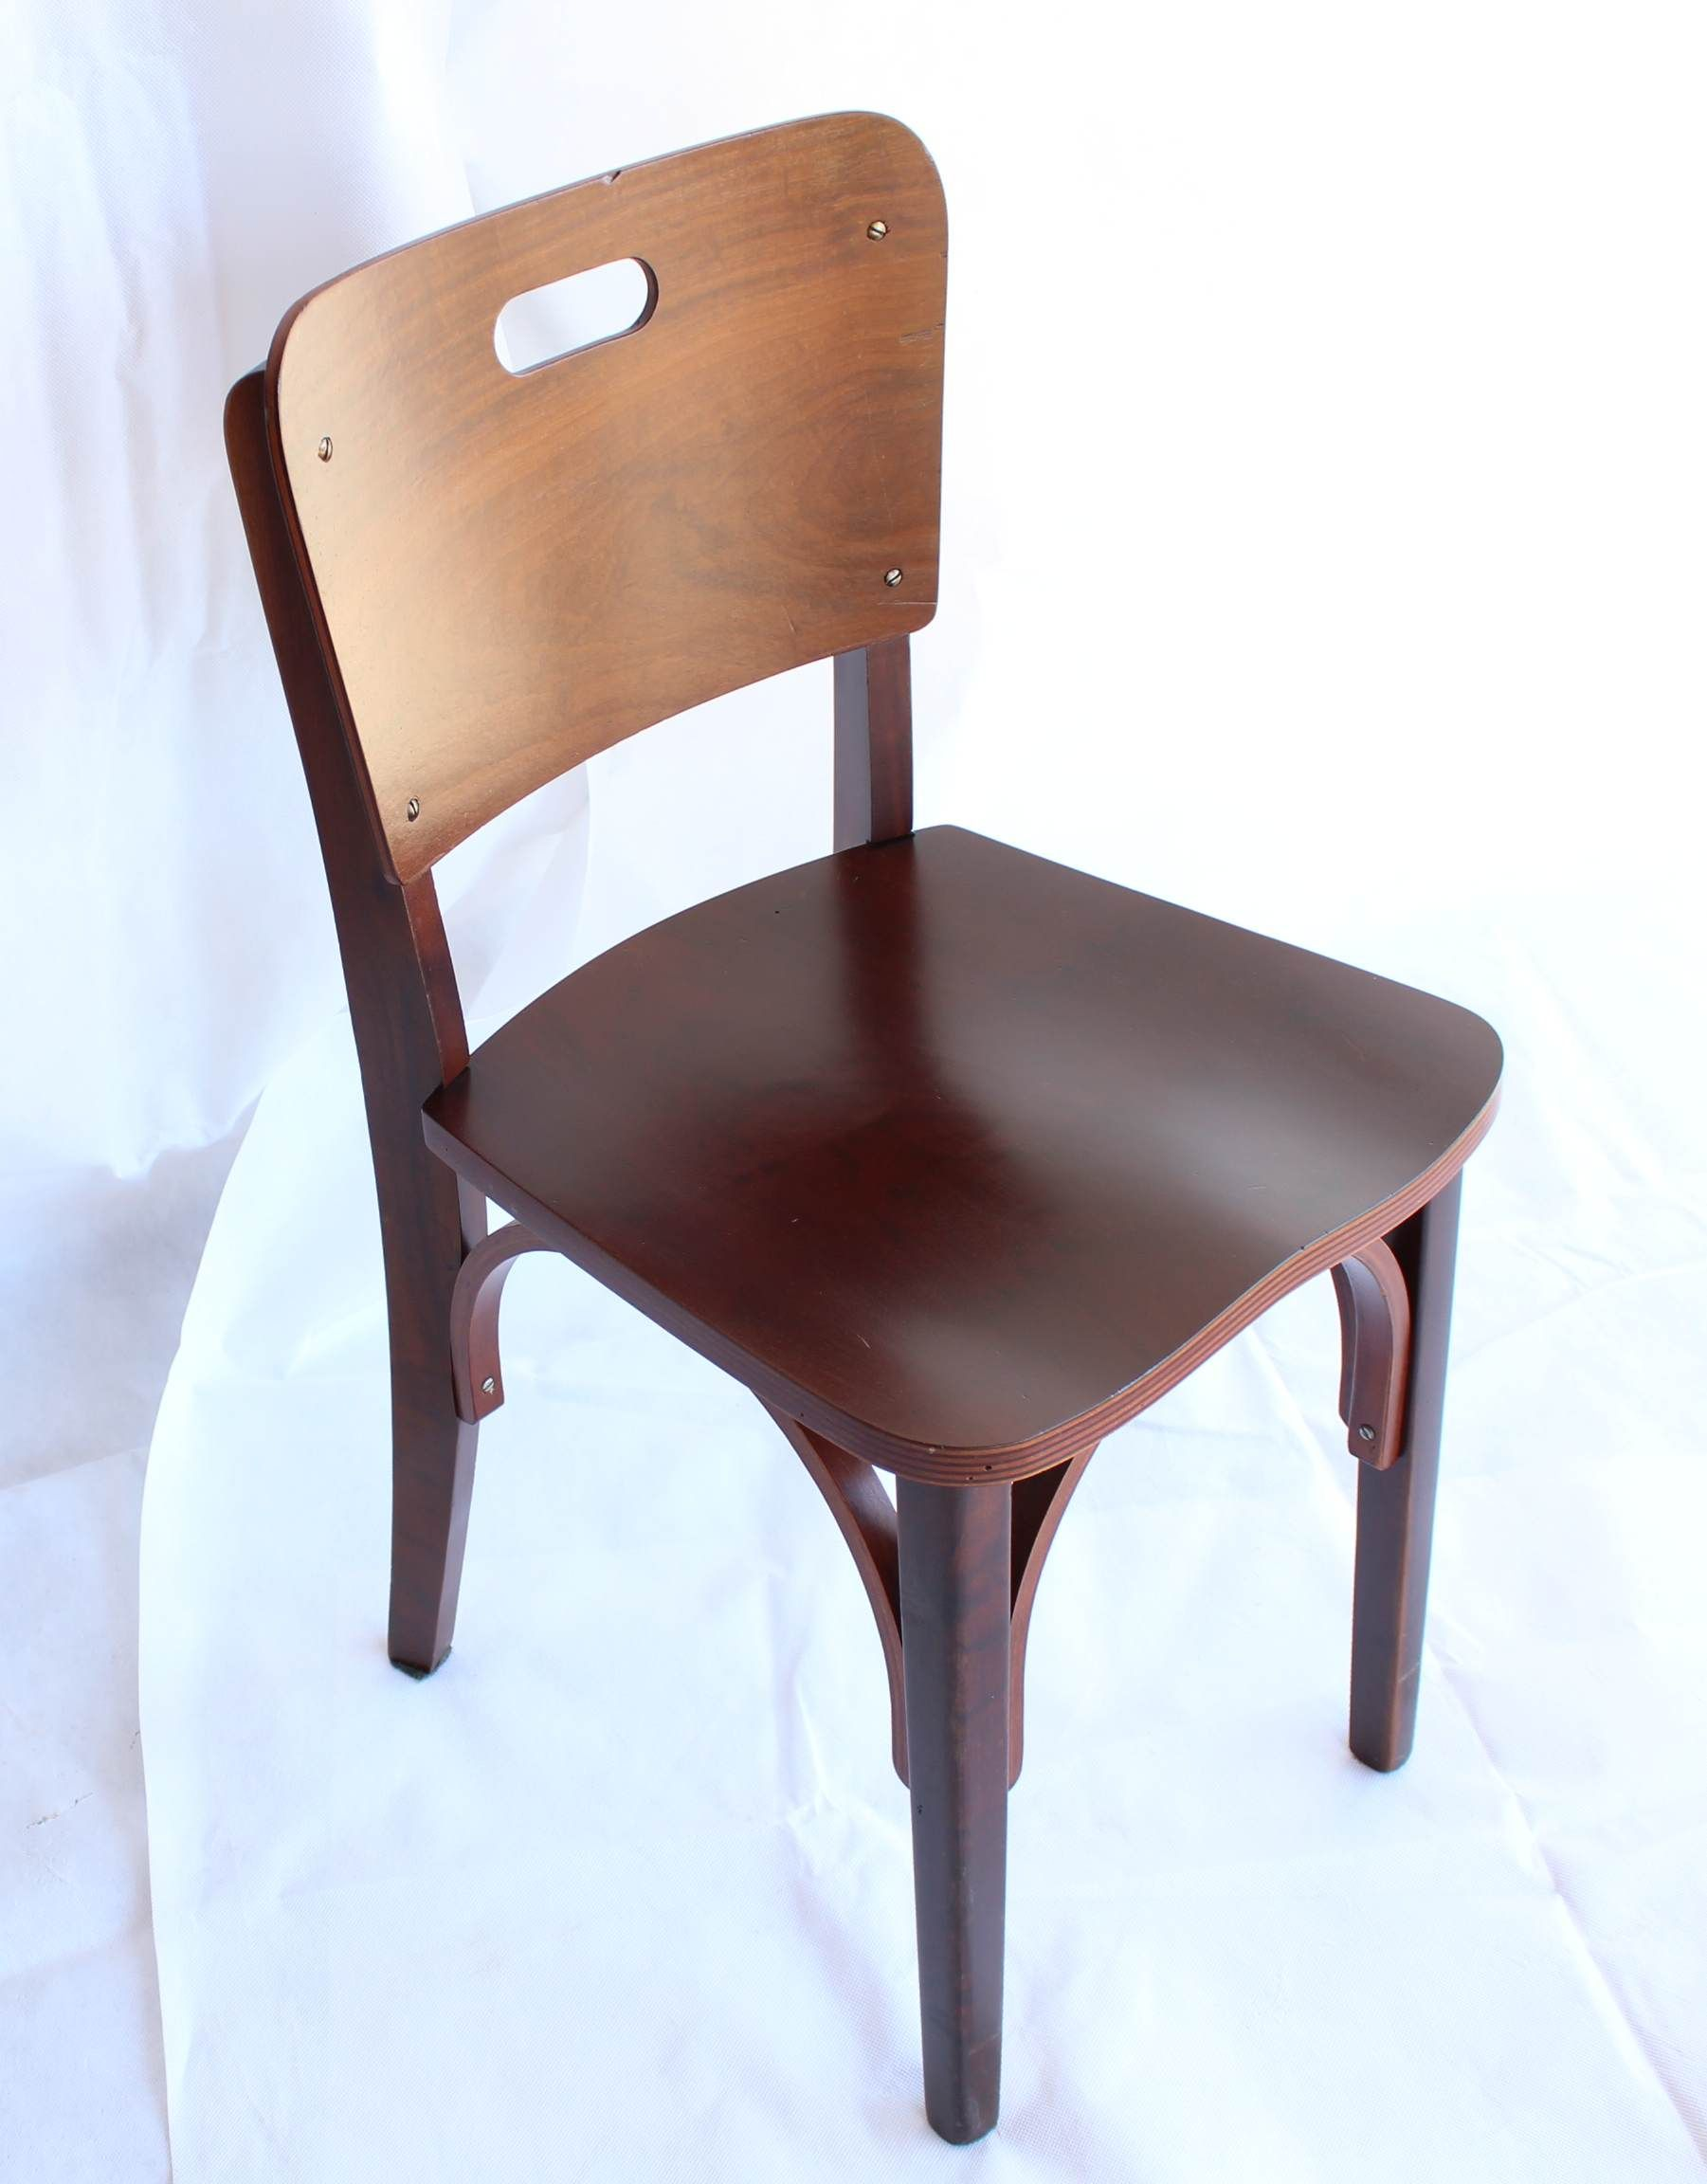 Cadeira carro chefe da Indºstria de M³veis CIMO é um cone do